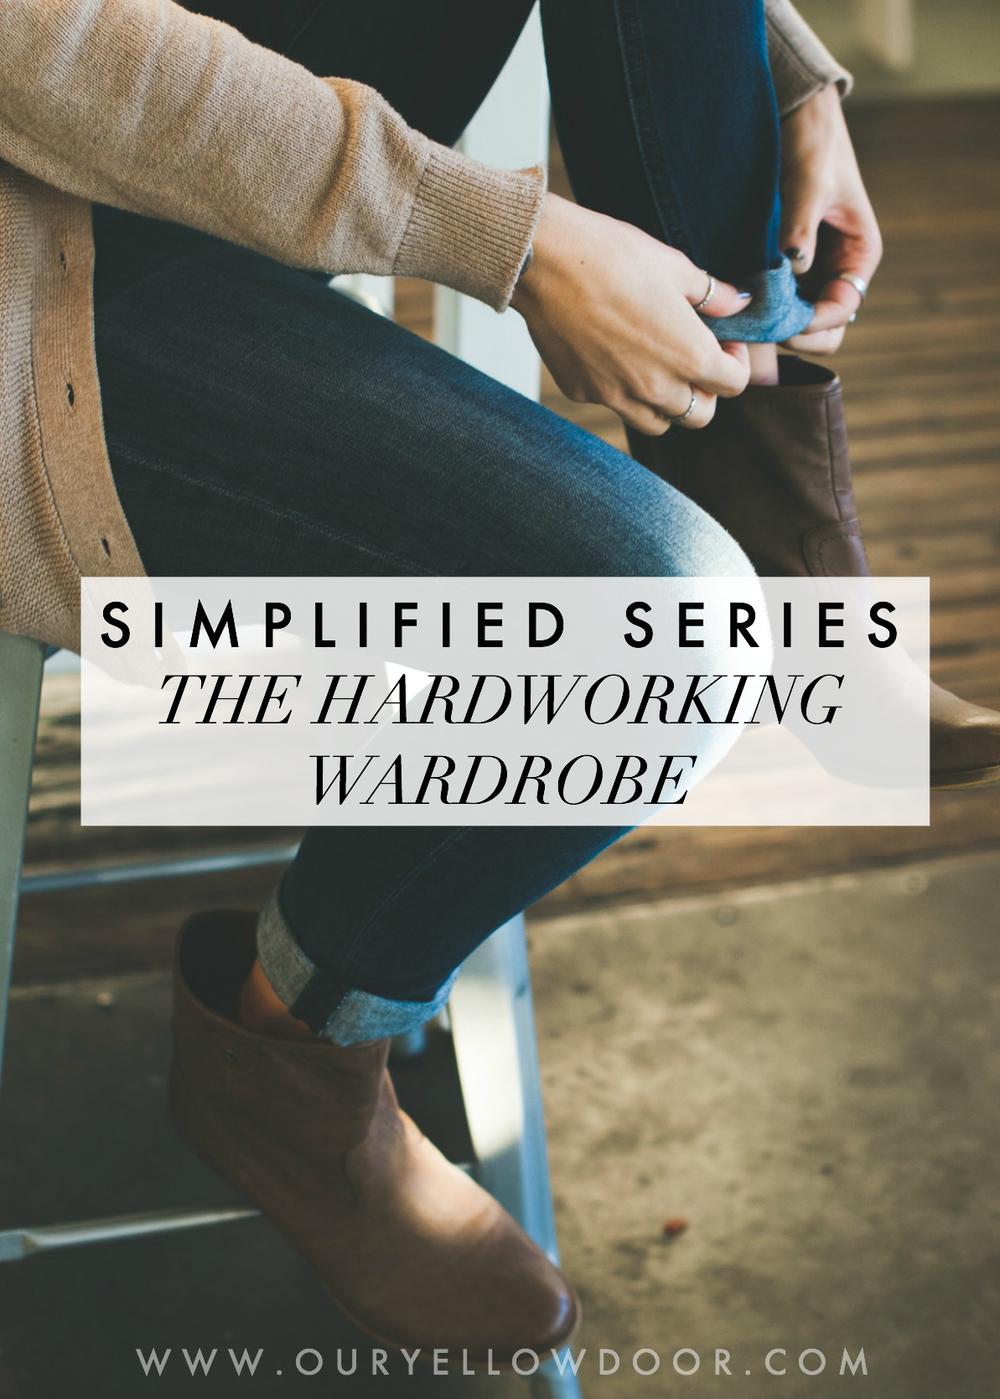 Simplified-Series-Hardworking-Wardrobe.jpg